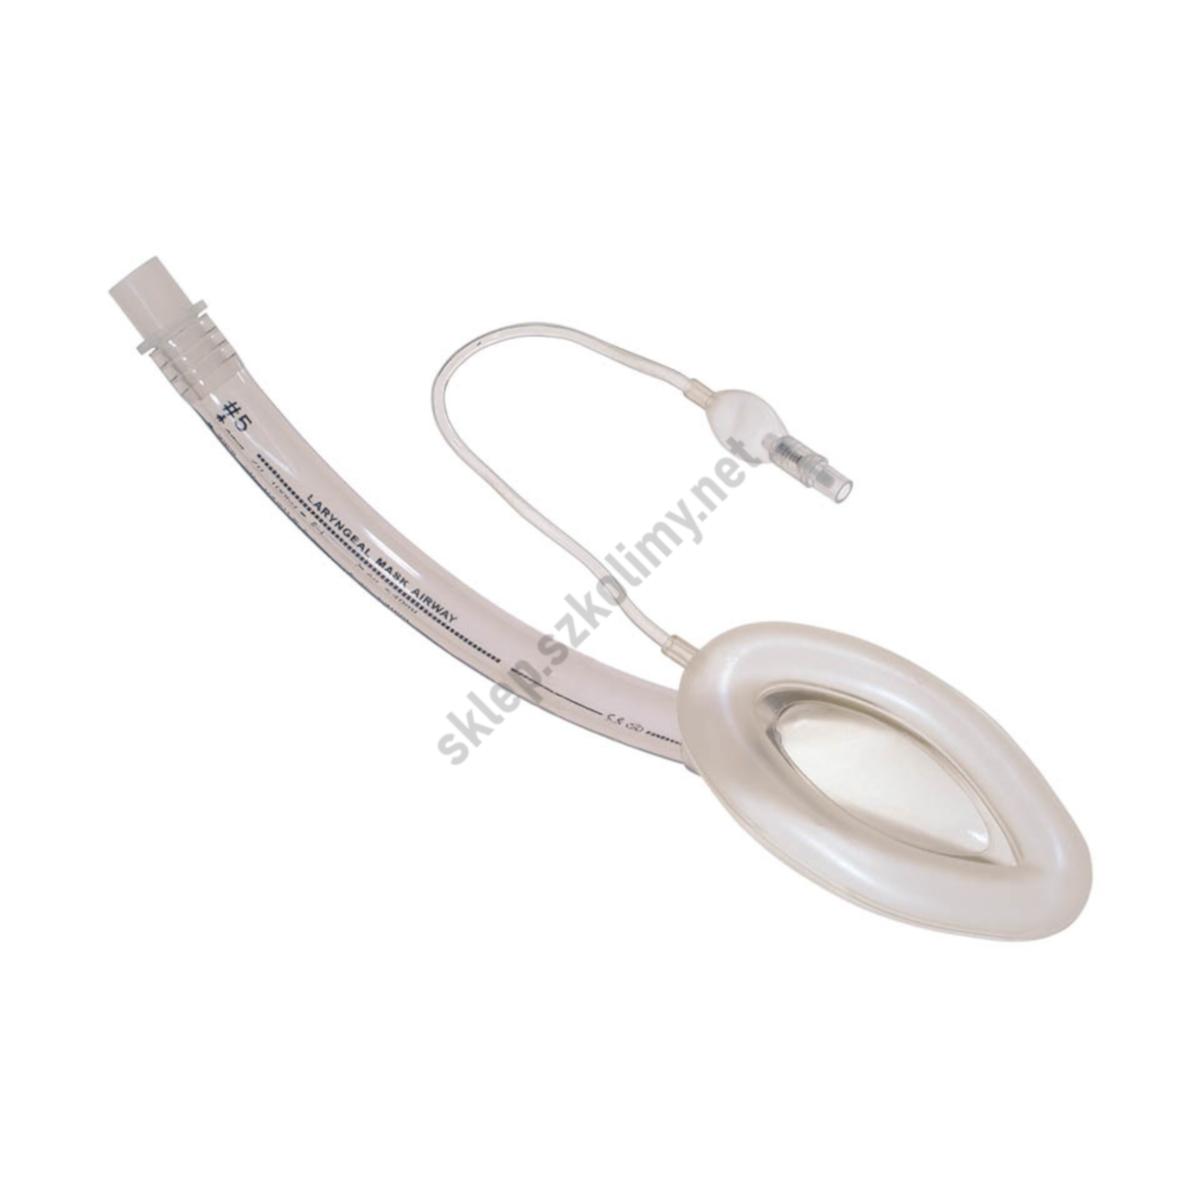 Maska krtaniowa PVC (1   1,5   2   2,5   3   4   5)